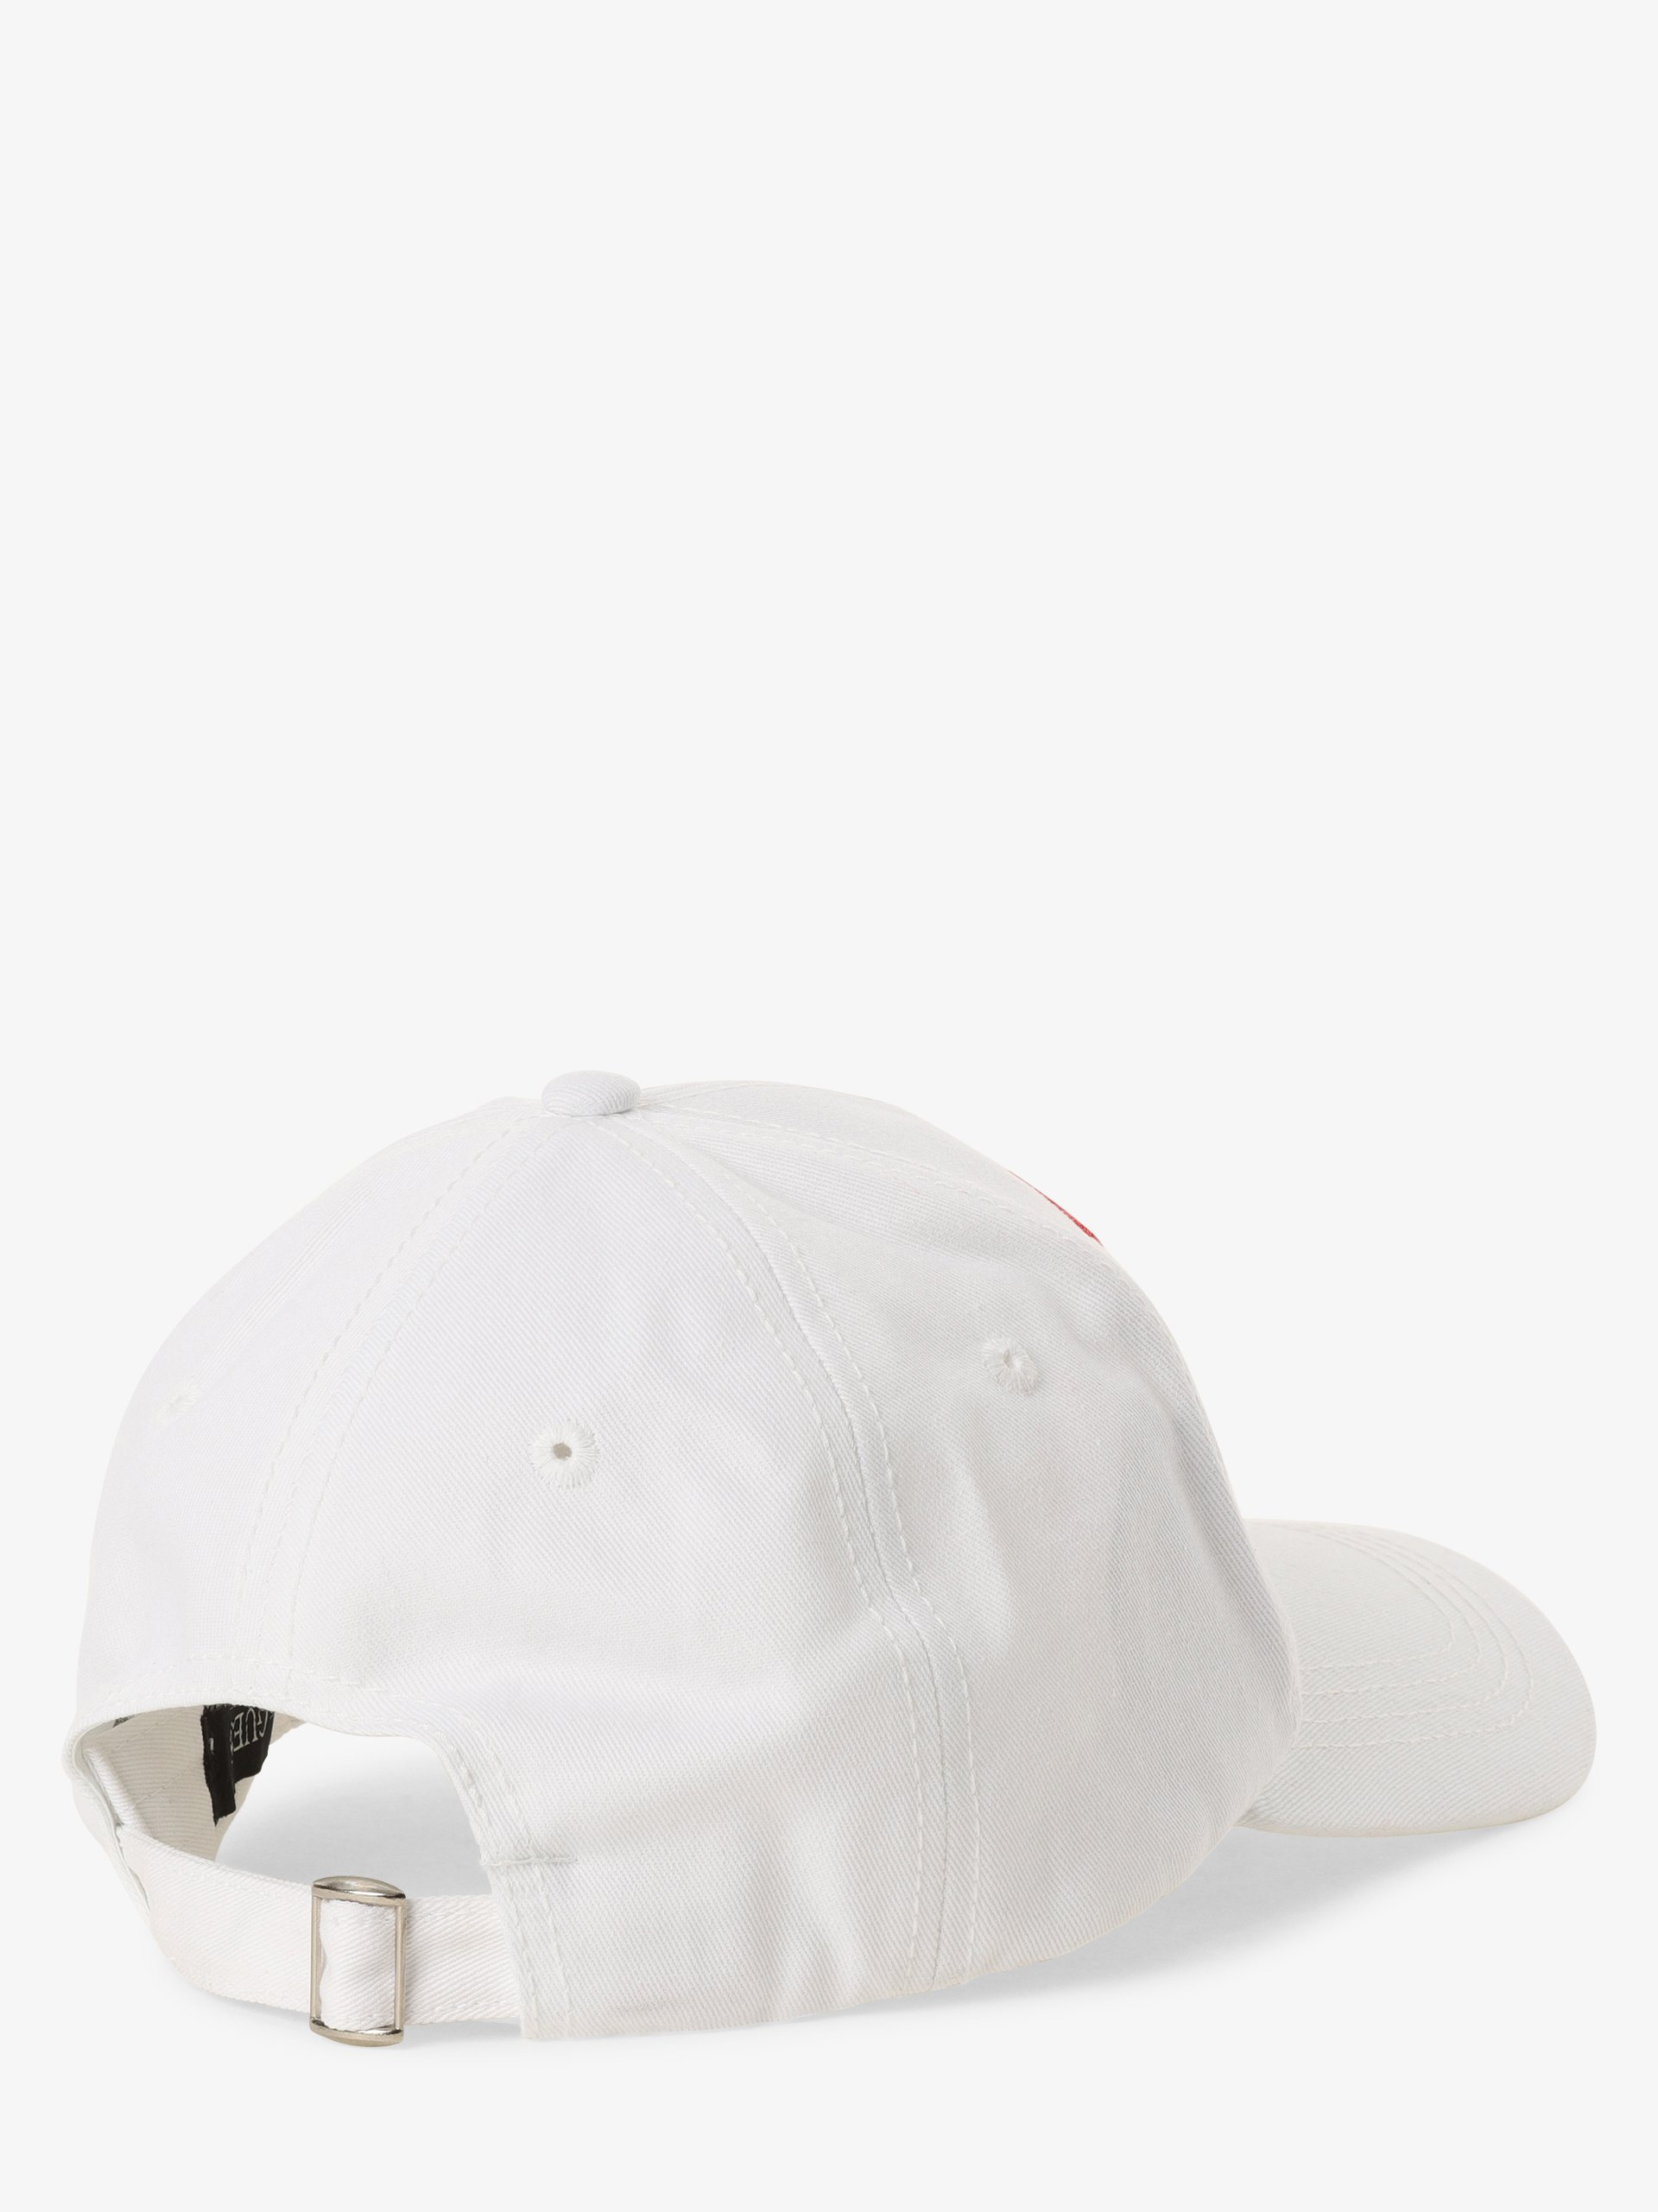 Guess Jeans Damska czapka z daszkiem